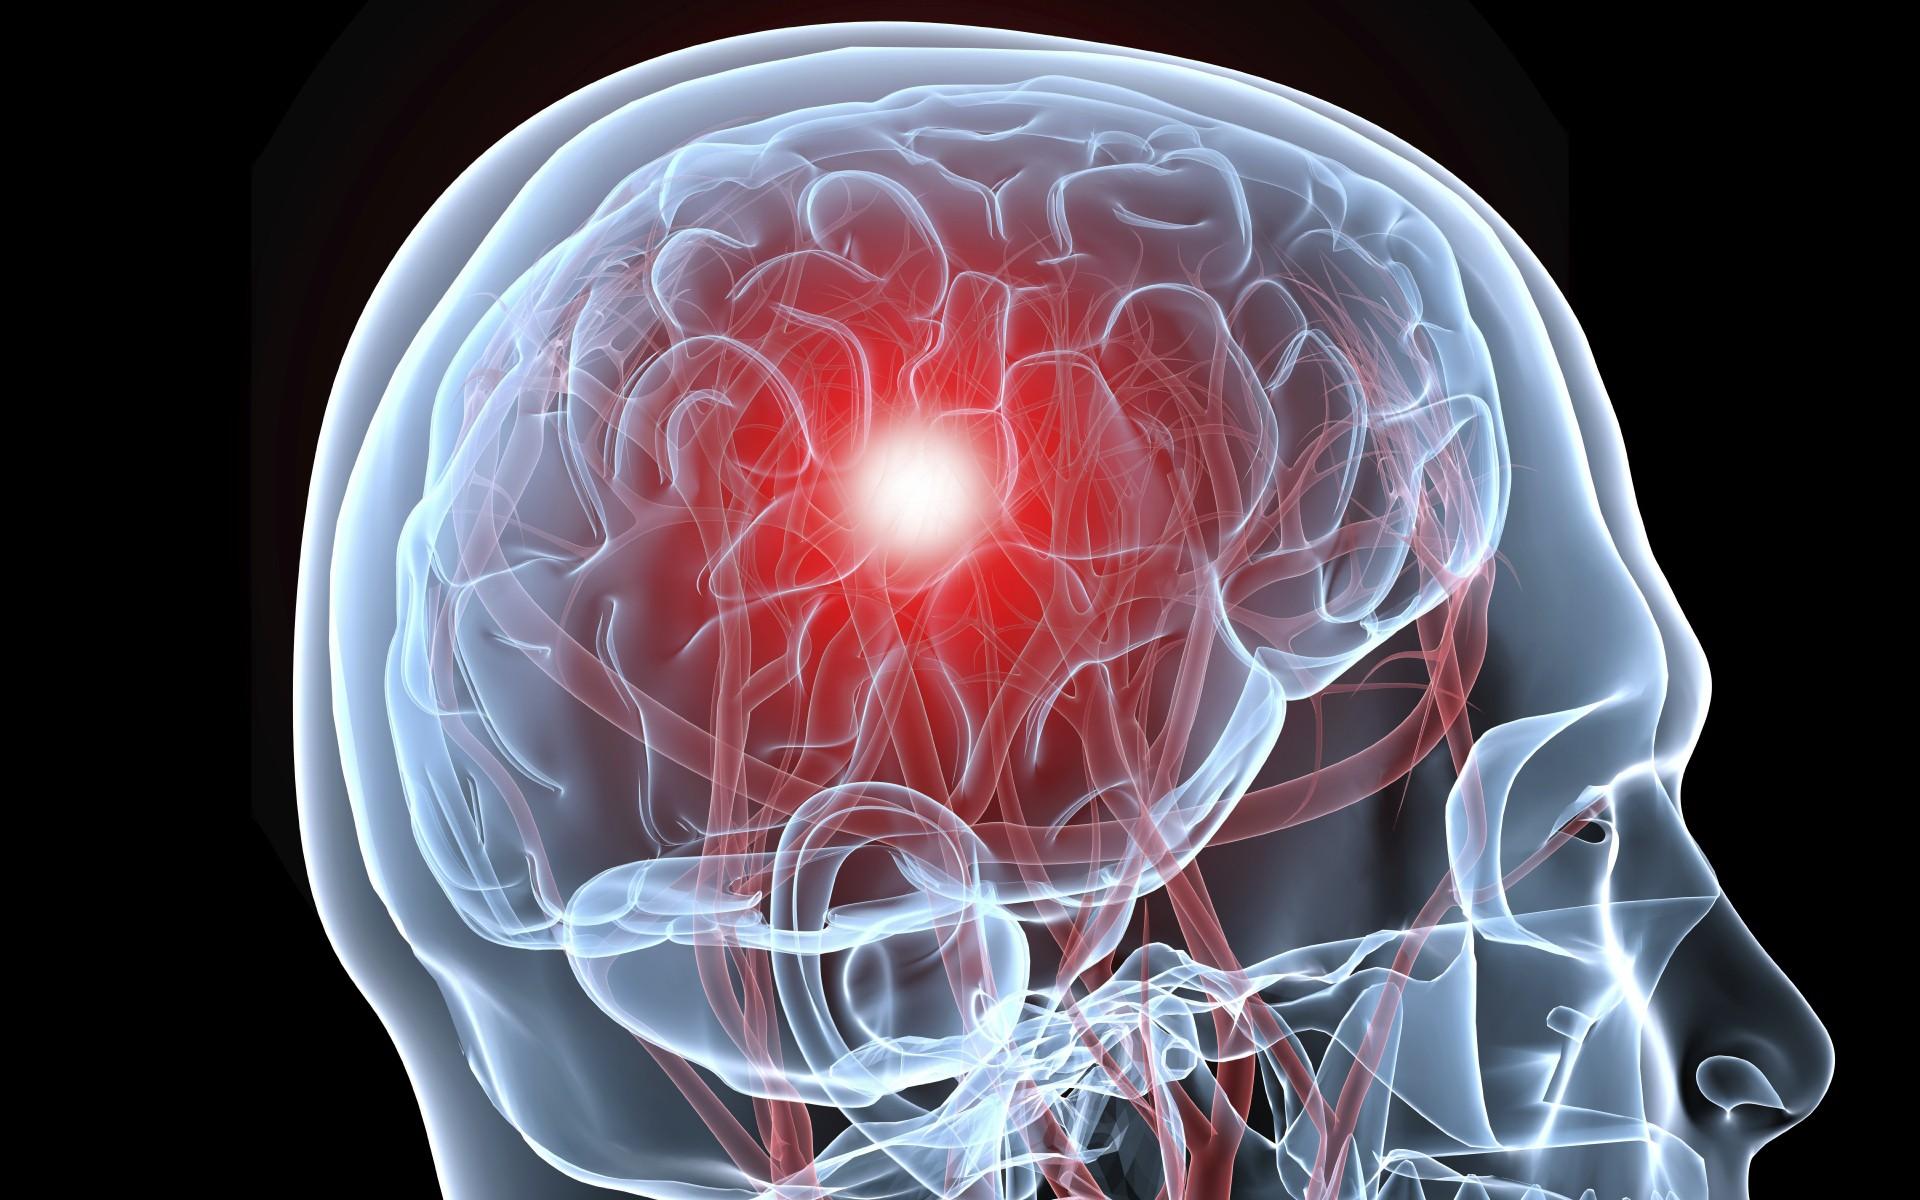 چگونه از بروز سکته مغزی دوم پیشگیری کنیم؟